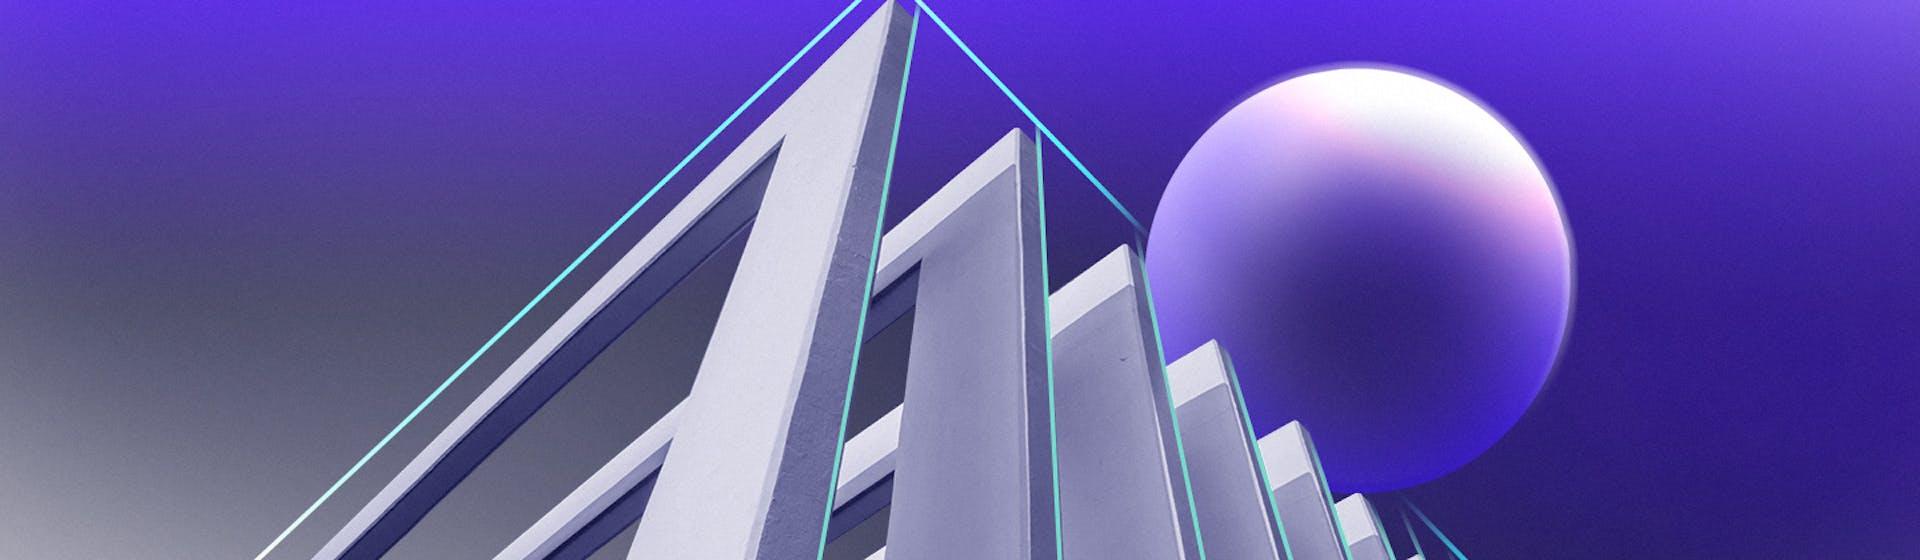 Conoce los fundamentos de la arquitectura y comienza a diseñar hoy mismo